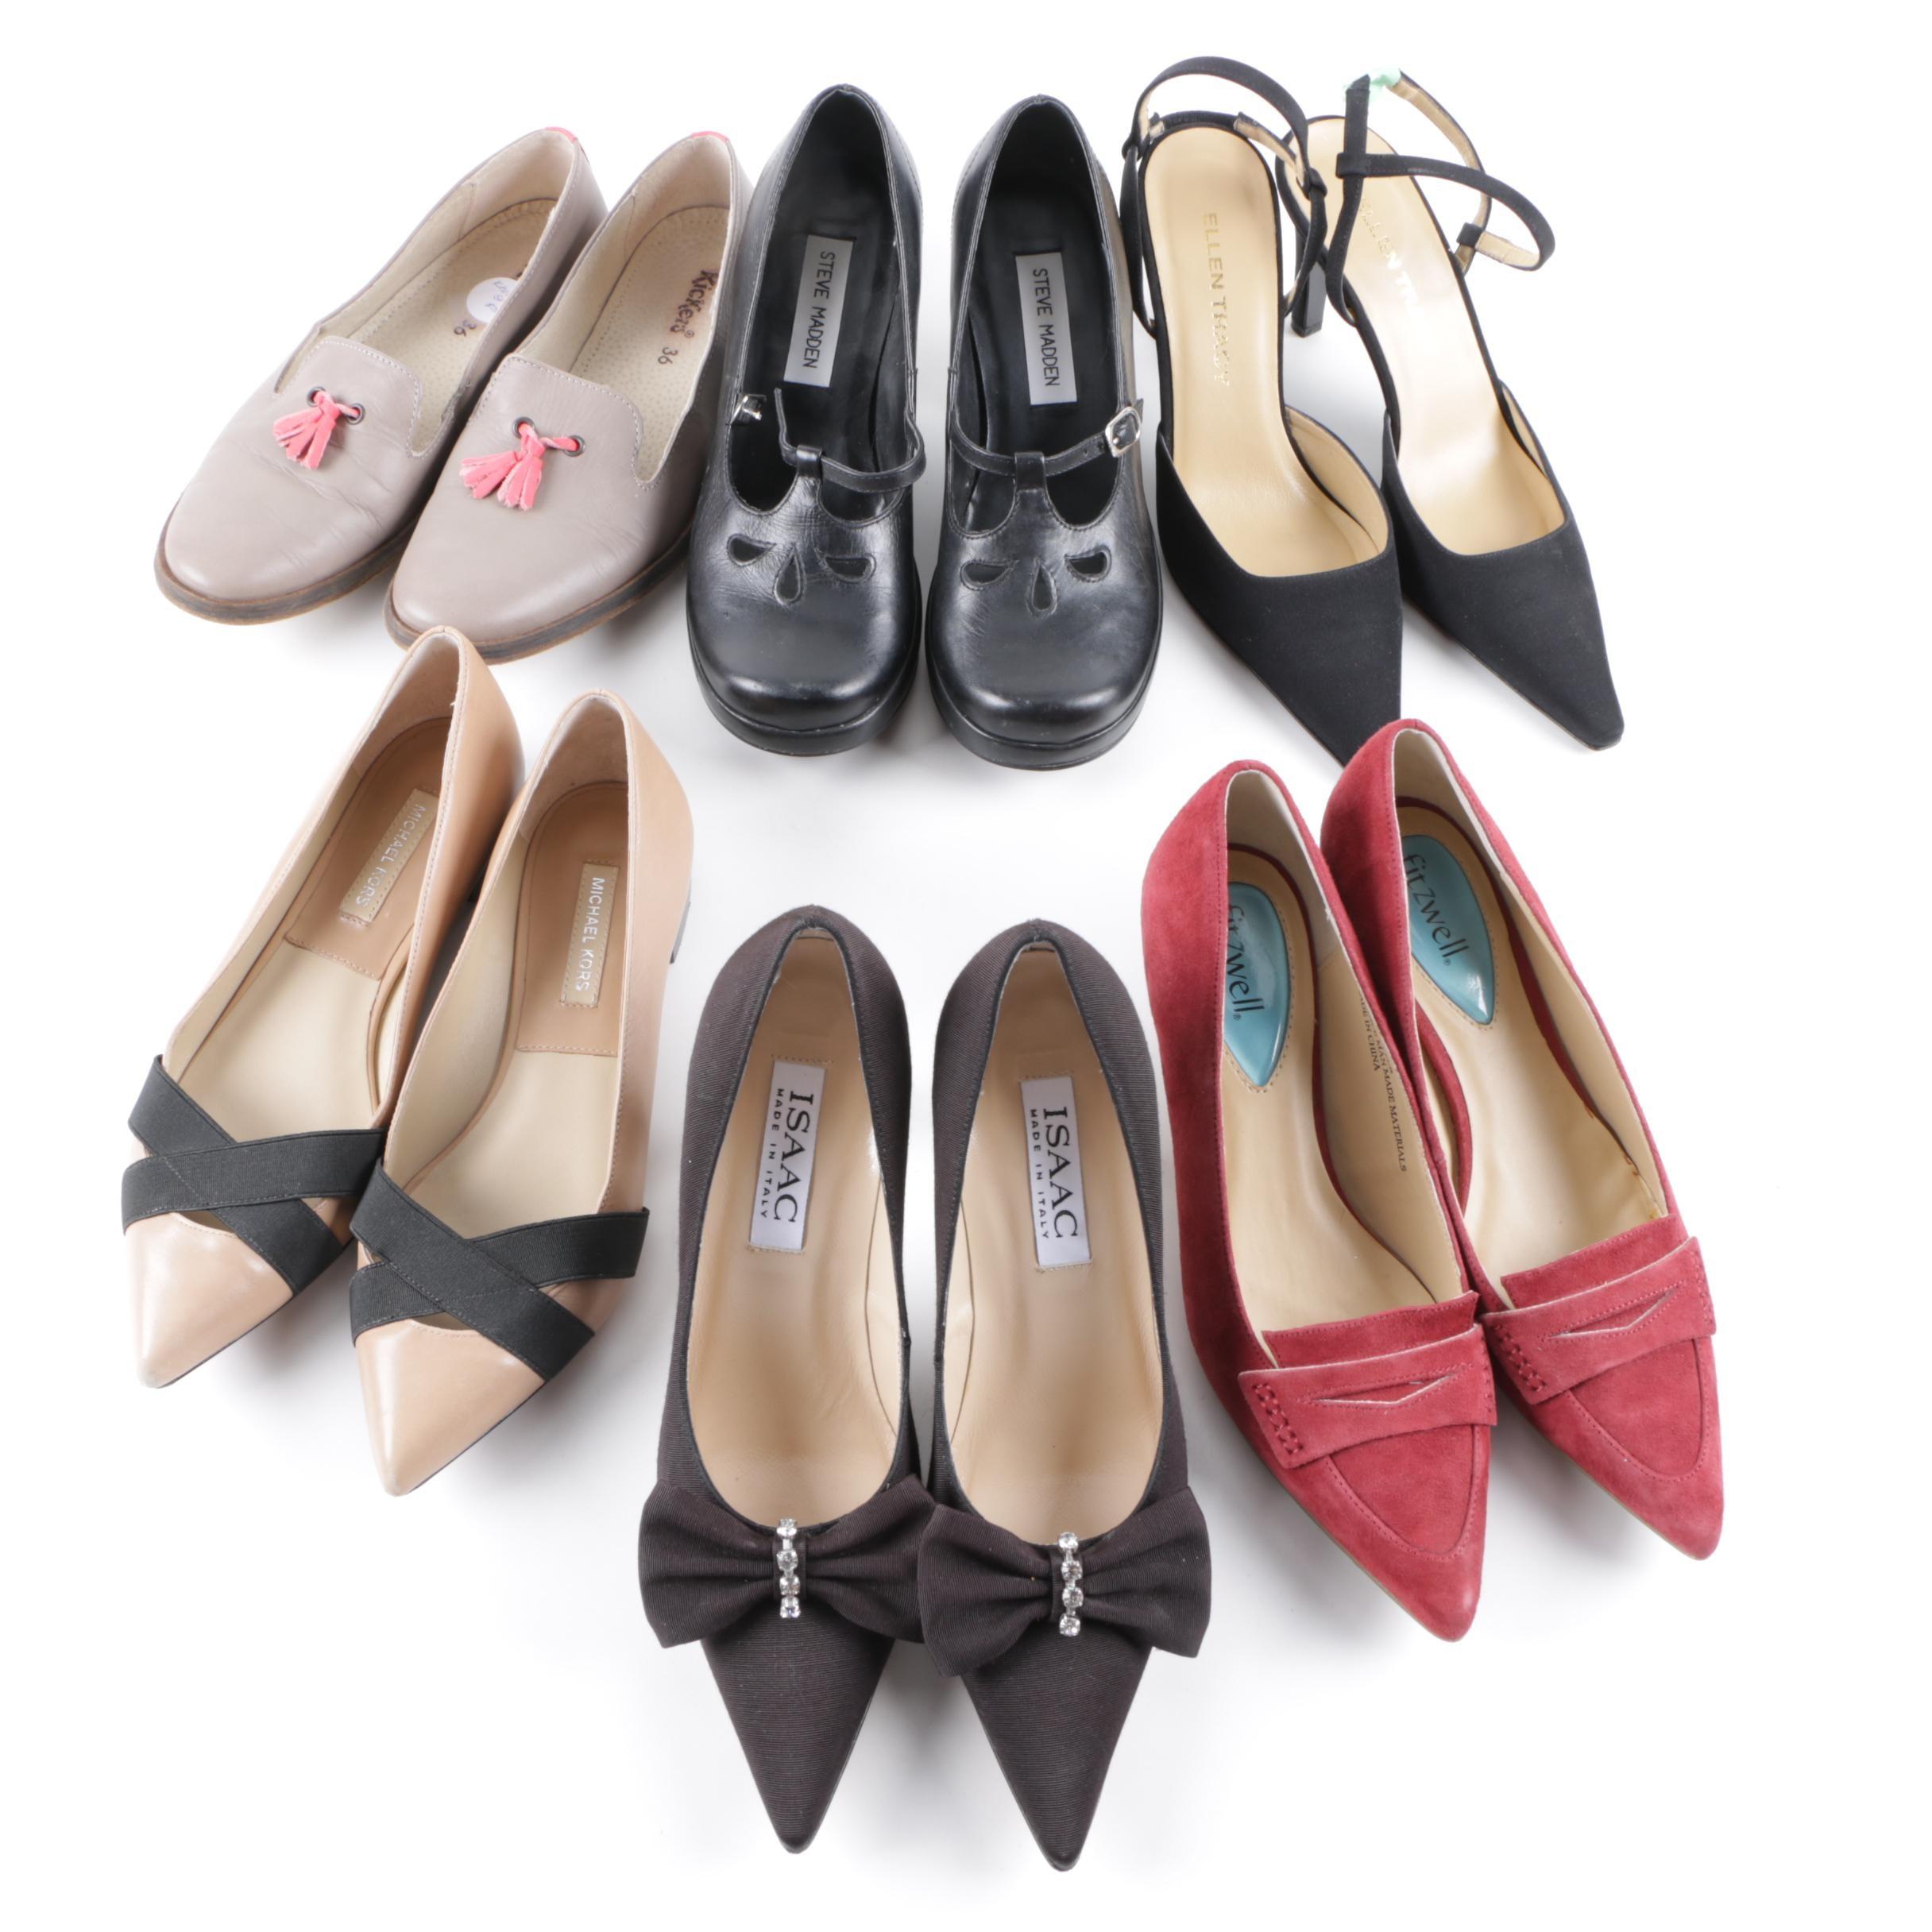 Women's Designer Shoes Including Michael Kors and Steve Madden